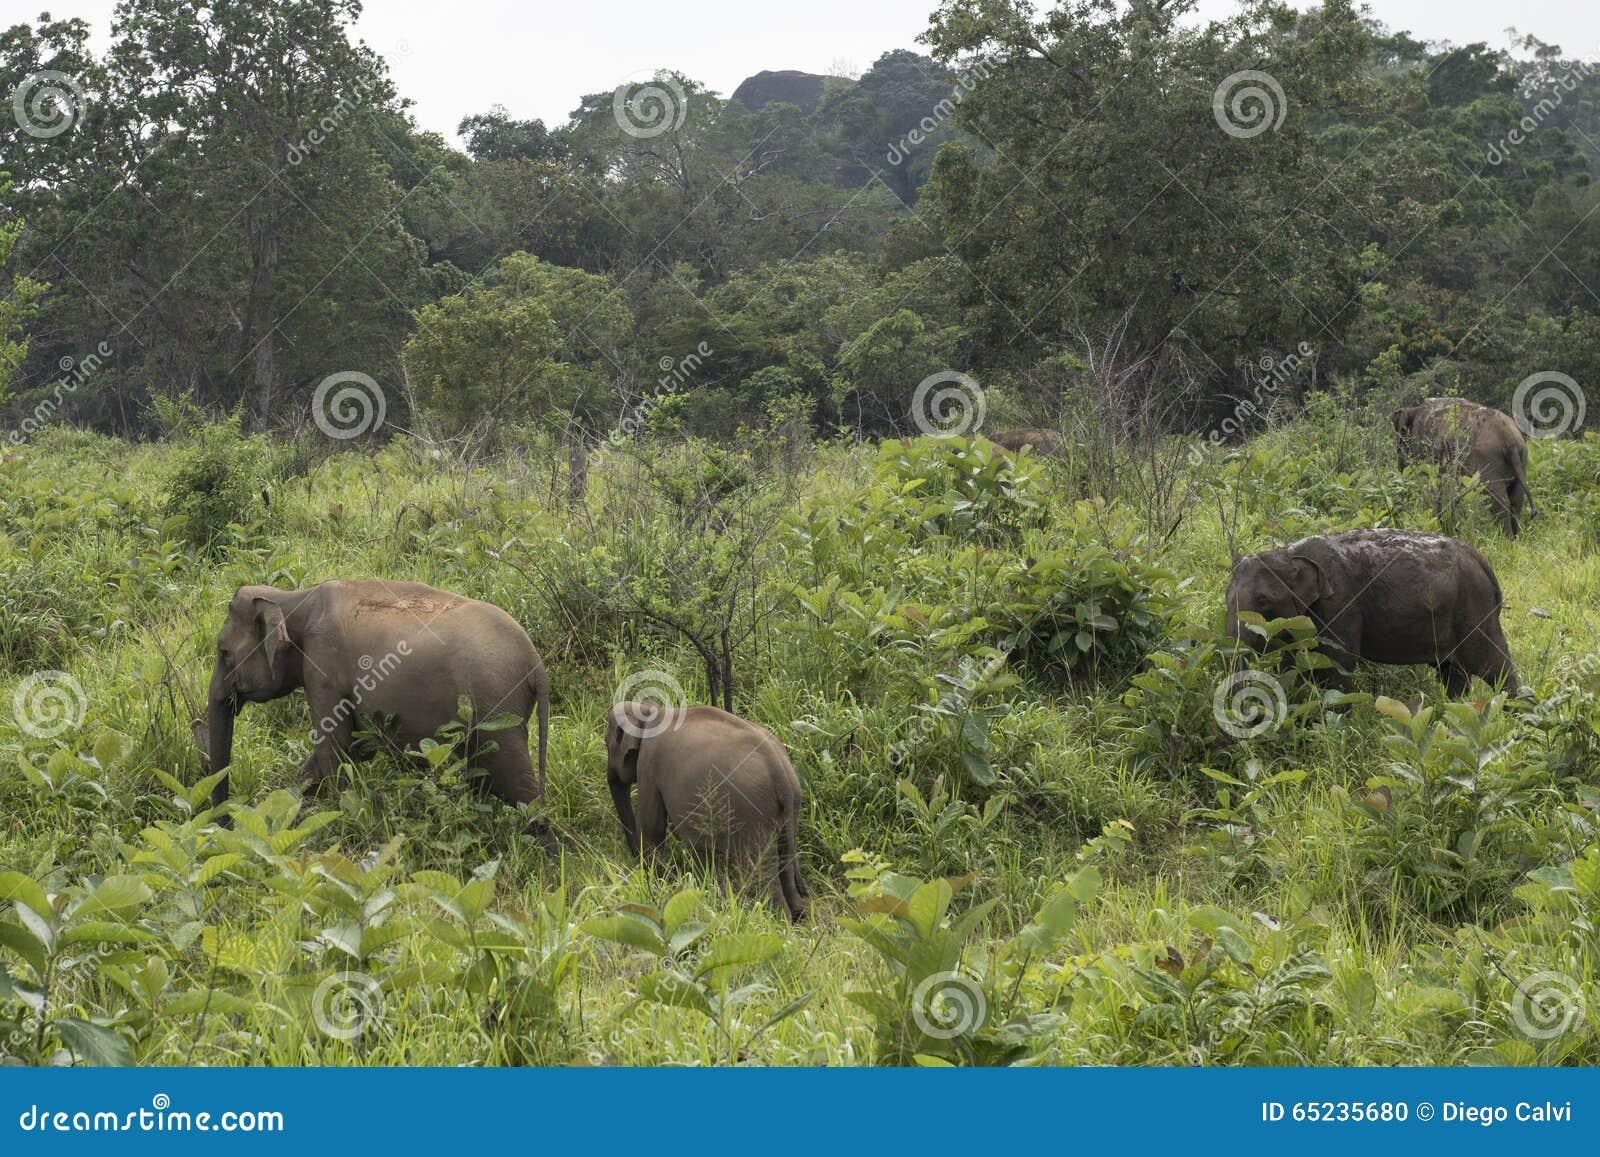 Elephants Safari in Polonnaruwa, Sri Lanka.